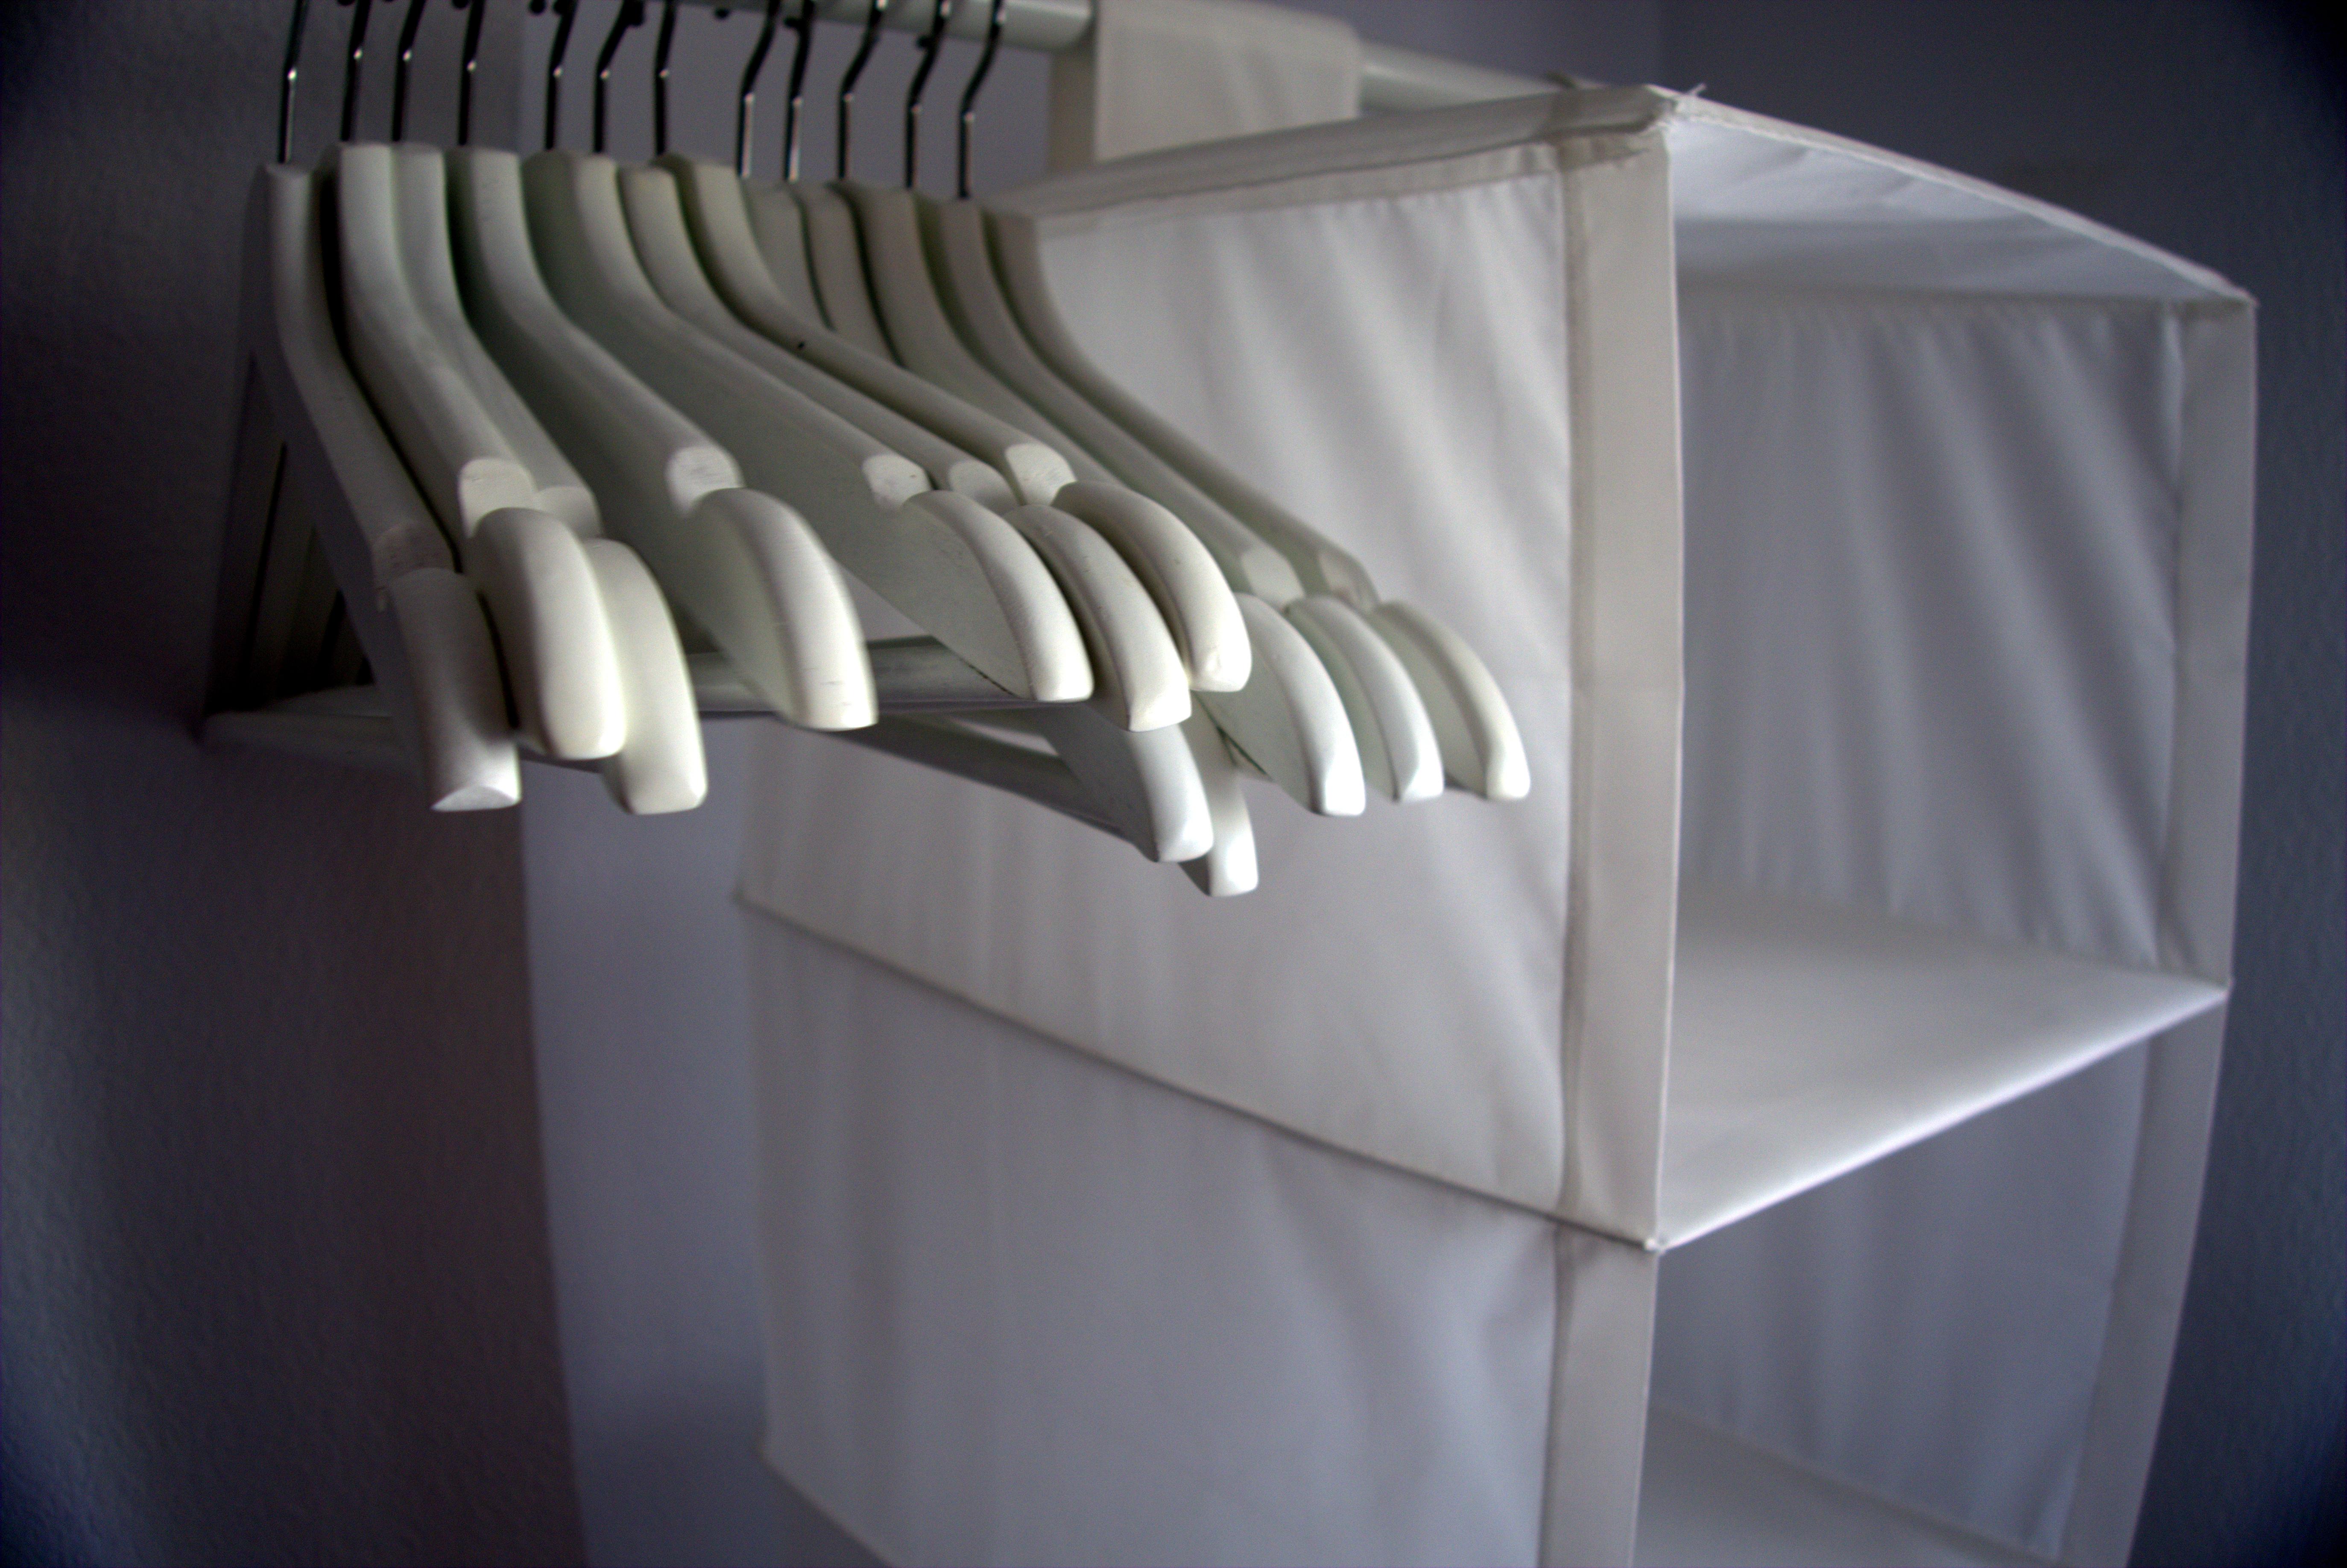 Enklare klädförvaring